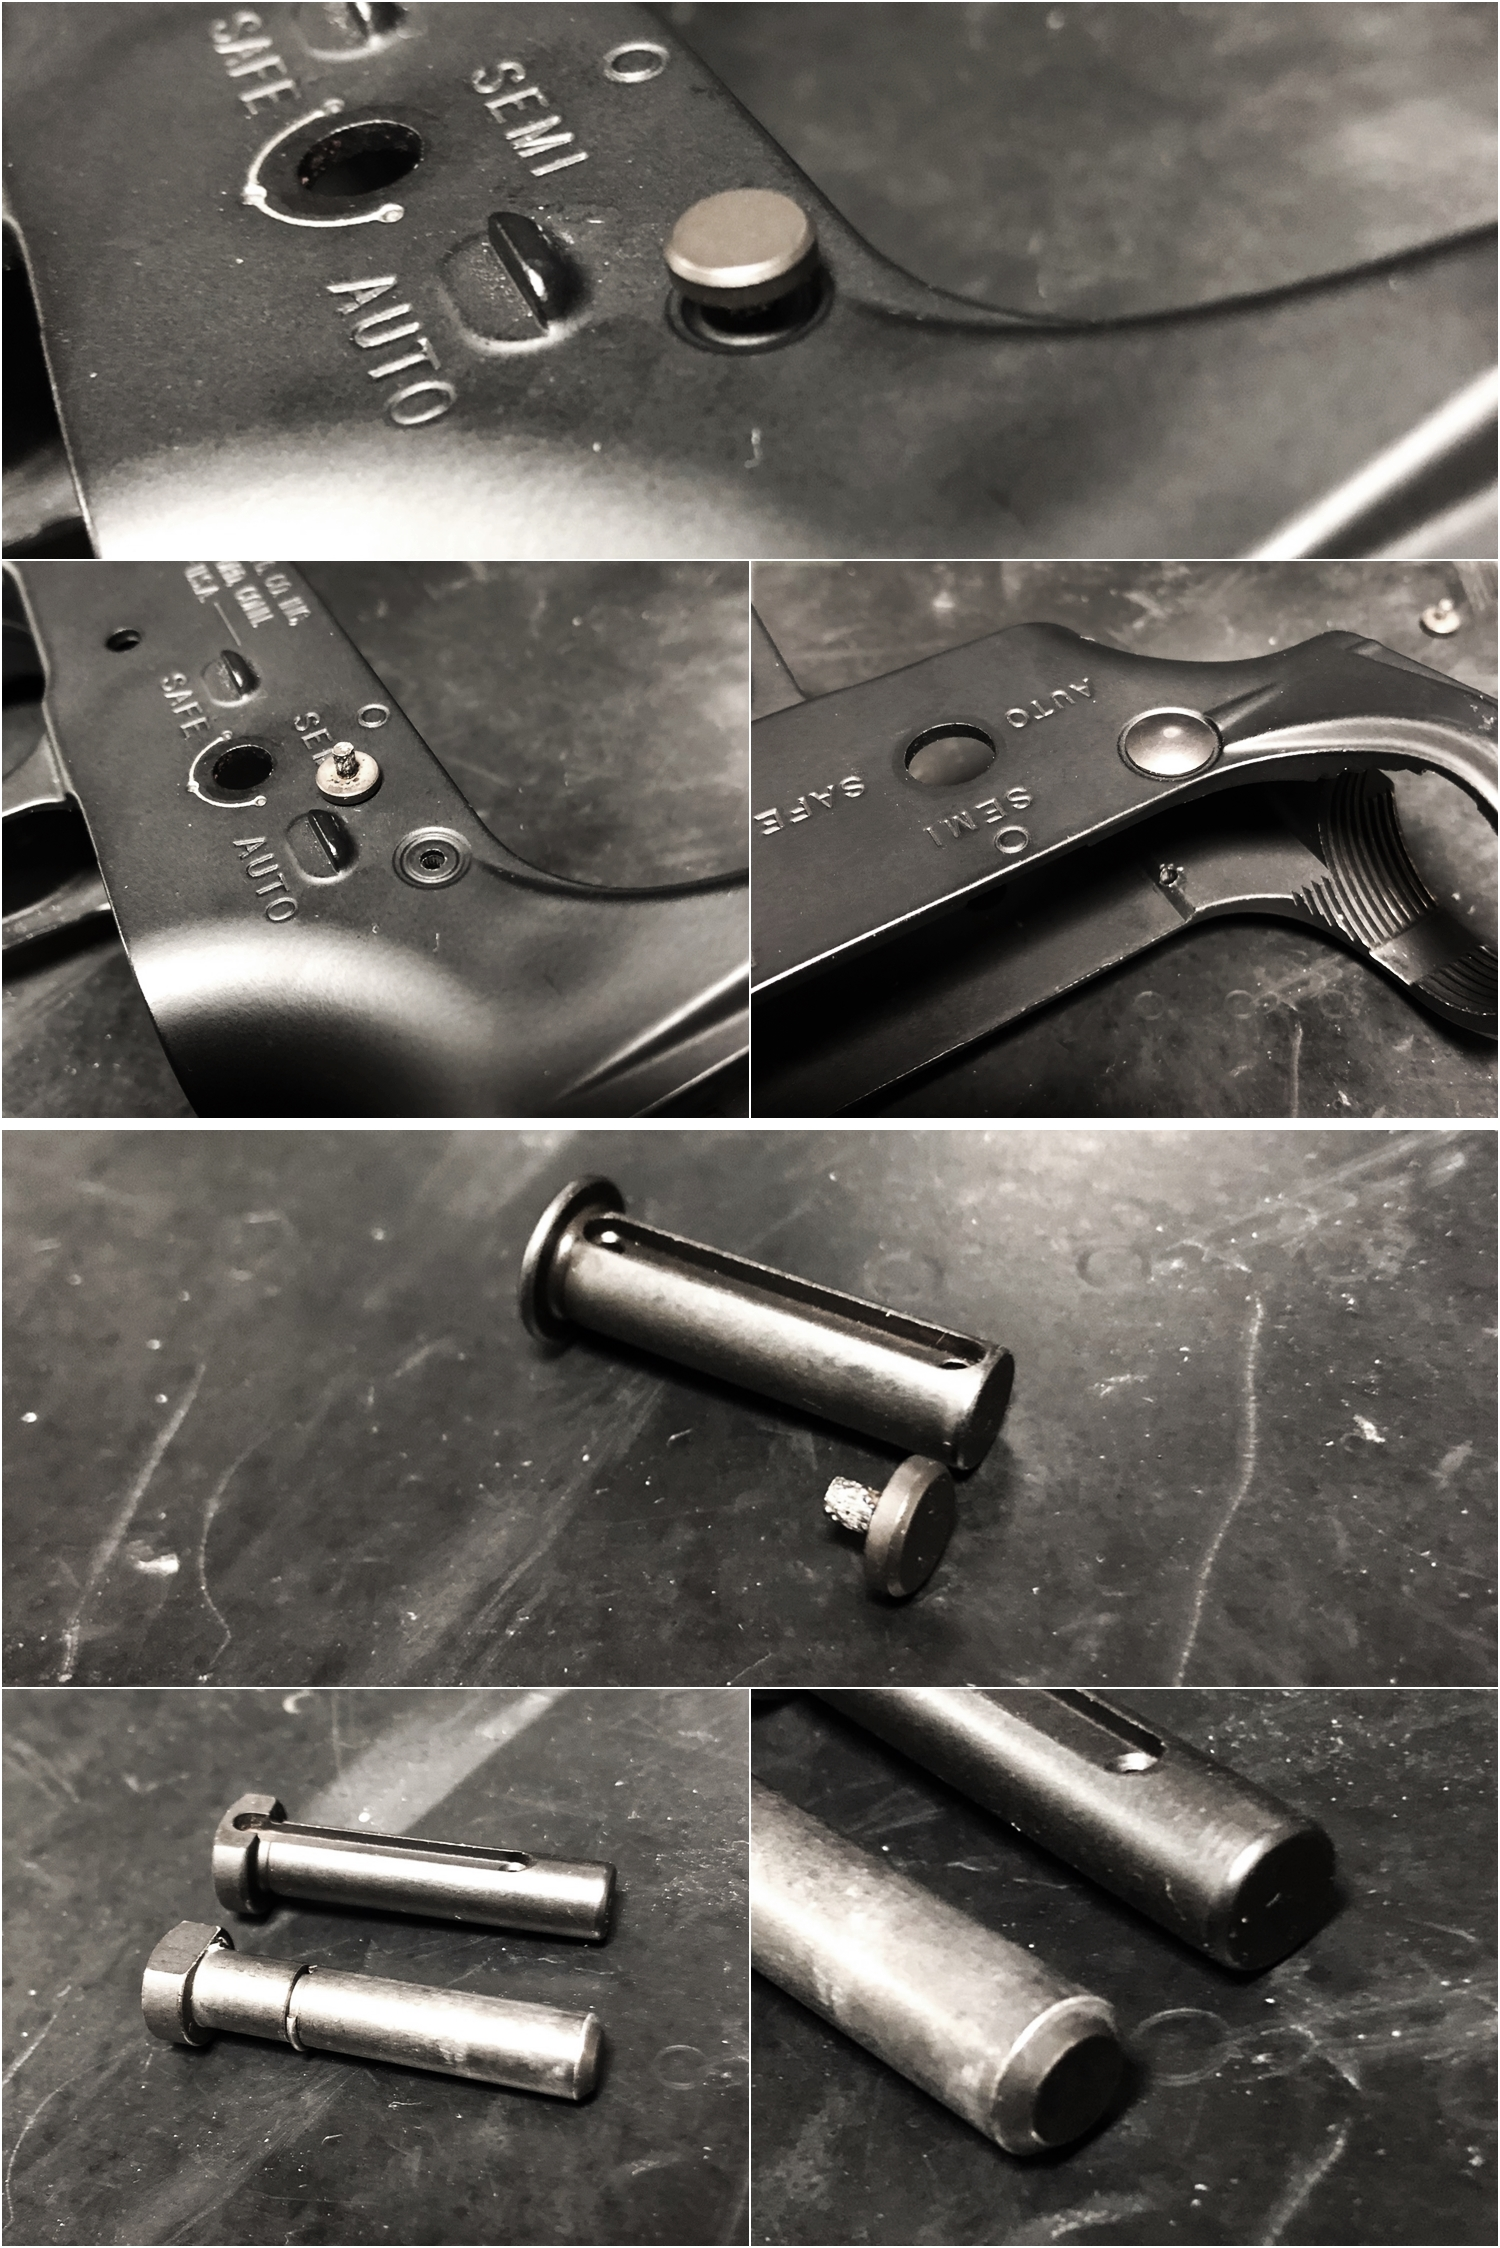 3 実物 NOVESKE AR-15 TAKEDOWN & PIVOT STEEL PIN!! 実物ピンを次世代M4へ対応させるべく簡易的DIY加工だ!ノベスケ ノベスキー スチール テイクダウン ピポッドピン! DIY 加工 カスタム 簡易的 旋盤加工 取付 レビ